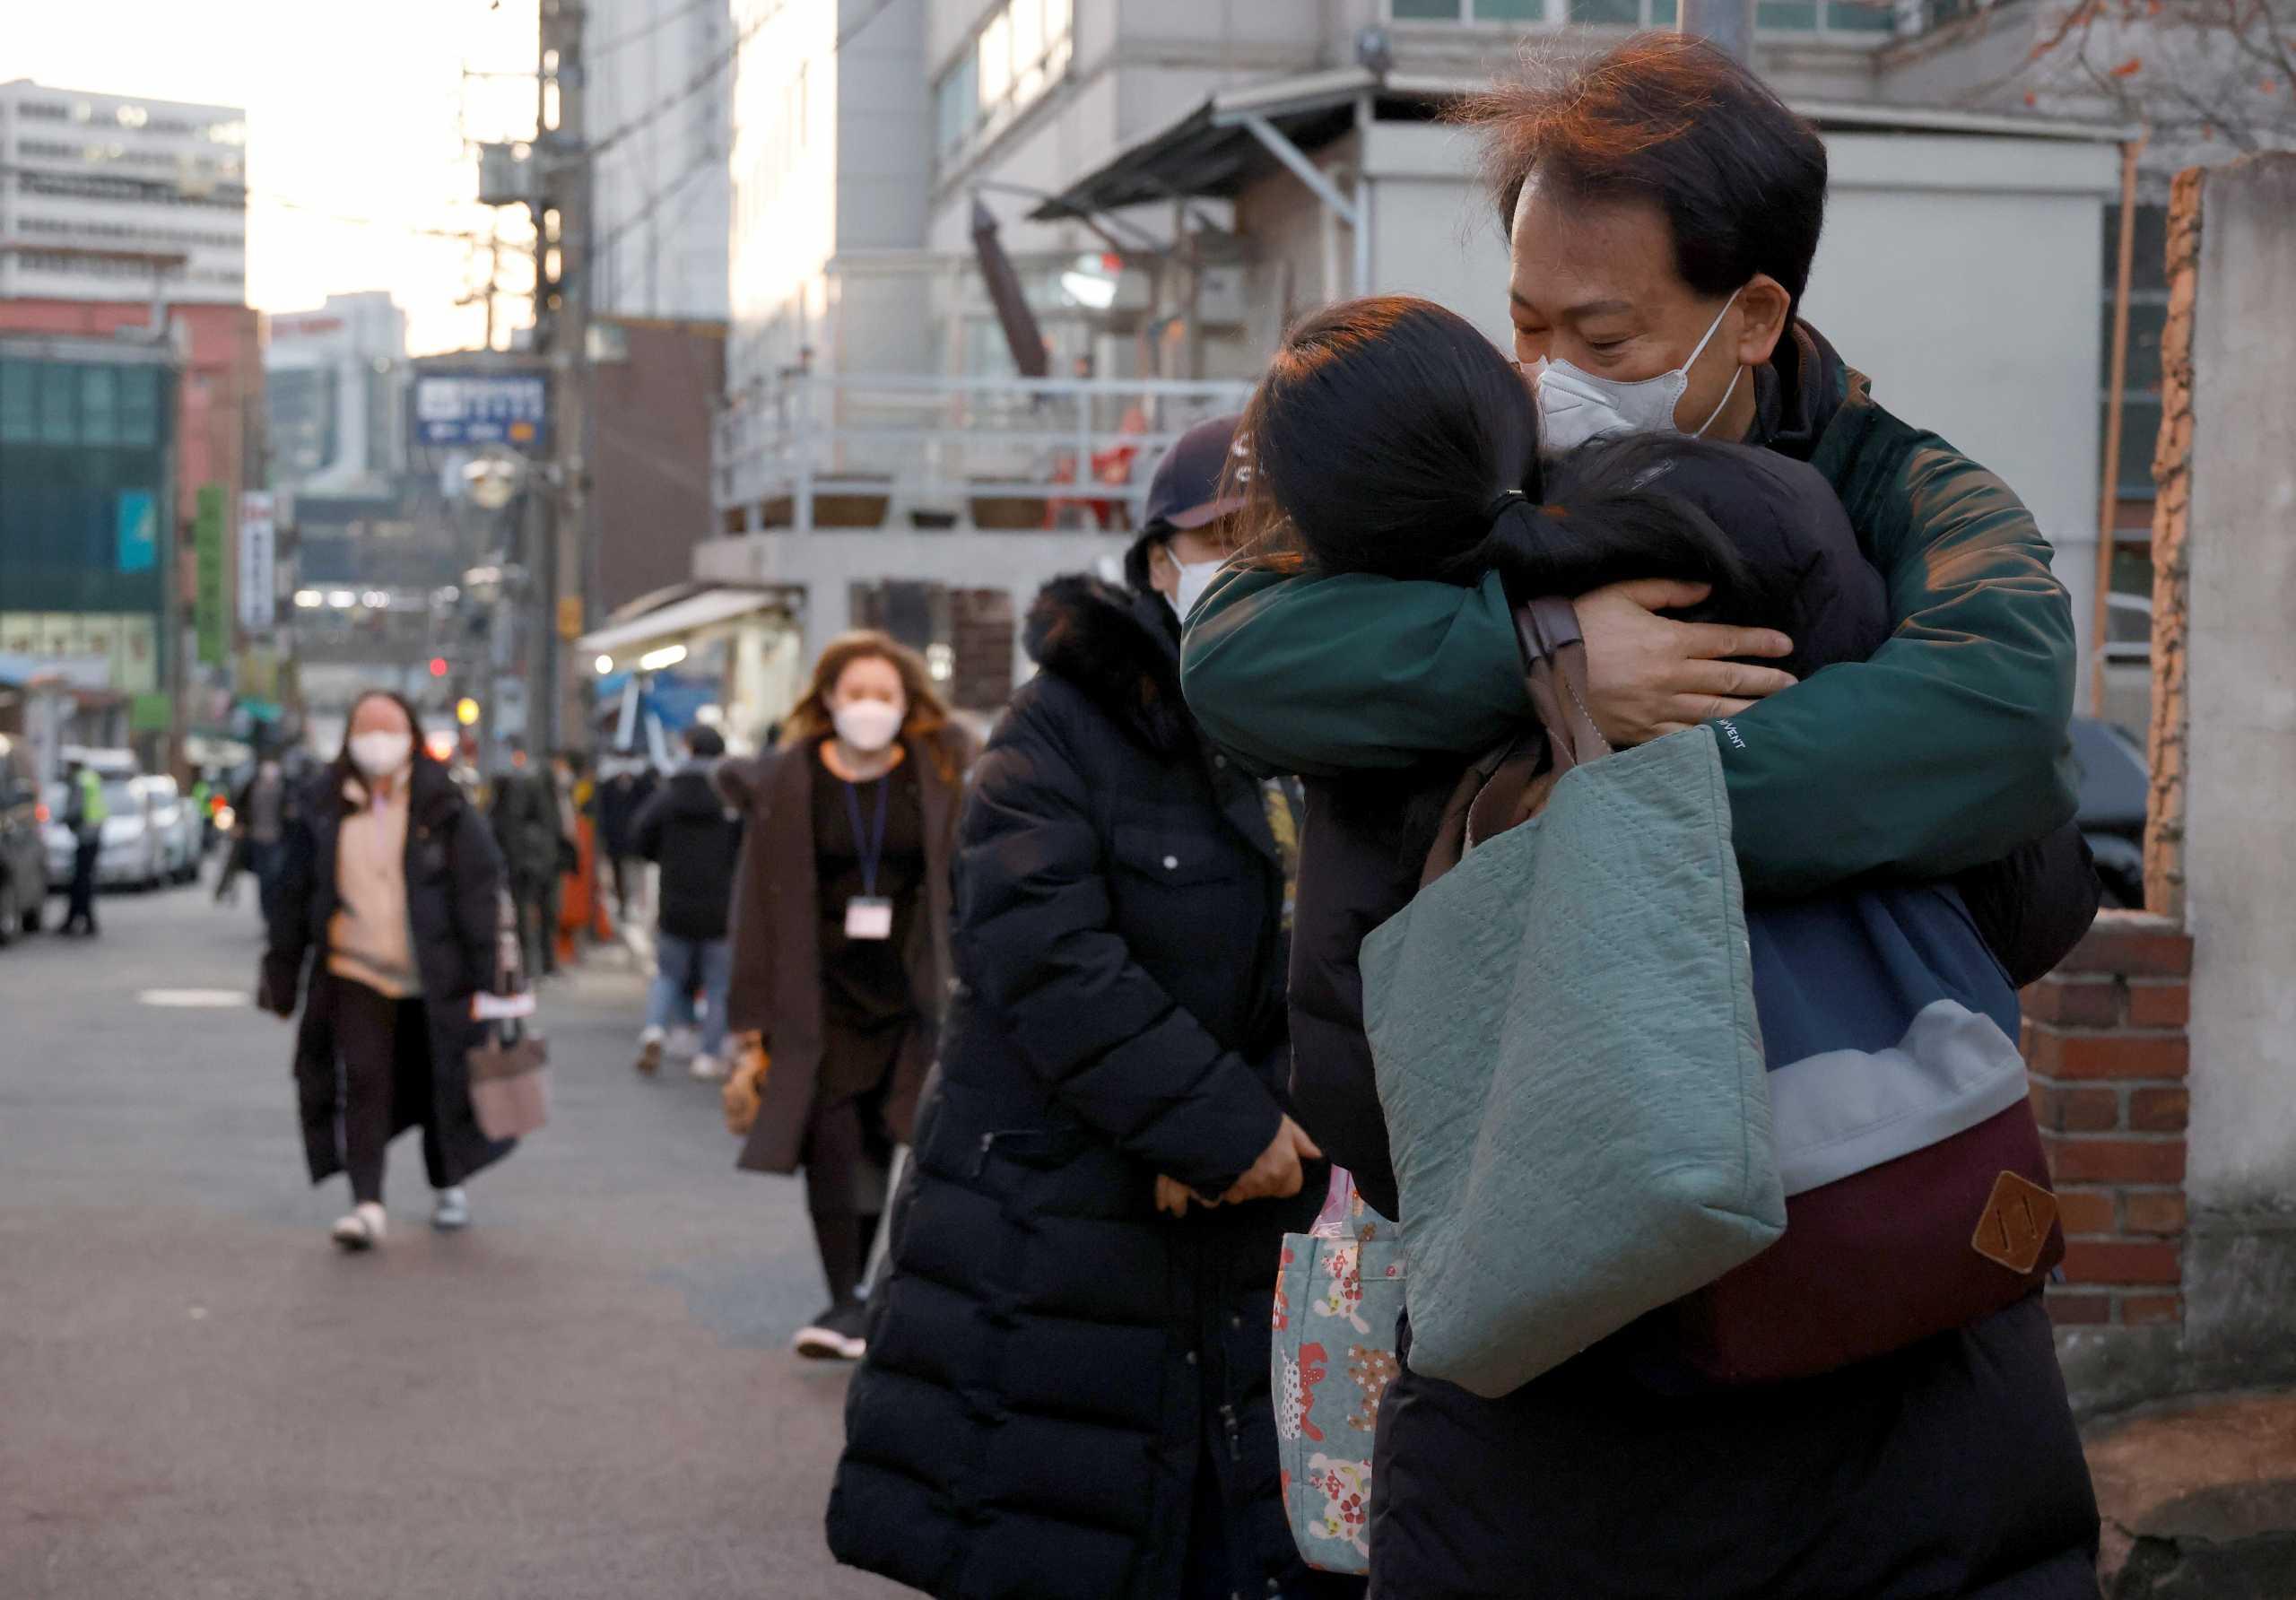 «Θερίζει» ο κορονοϊός: Περισσότεροι από 1,86 εκατομμύρια οι θάνατοι σε όλο τον κόσμο